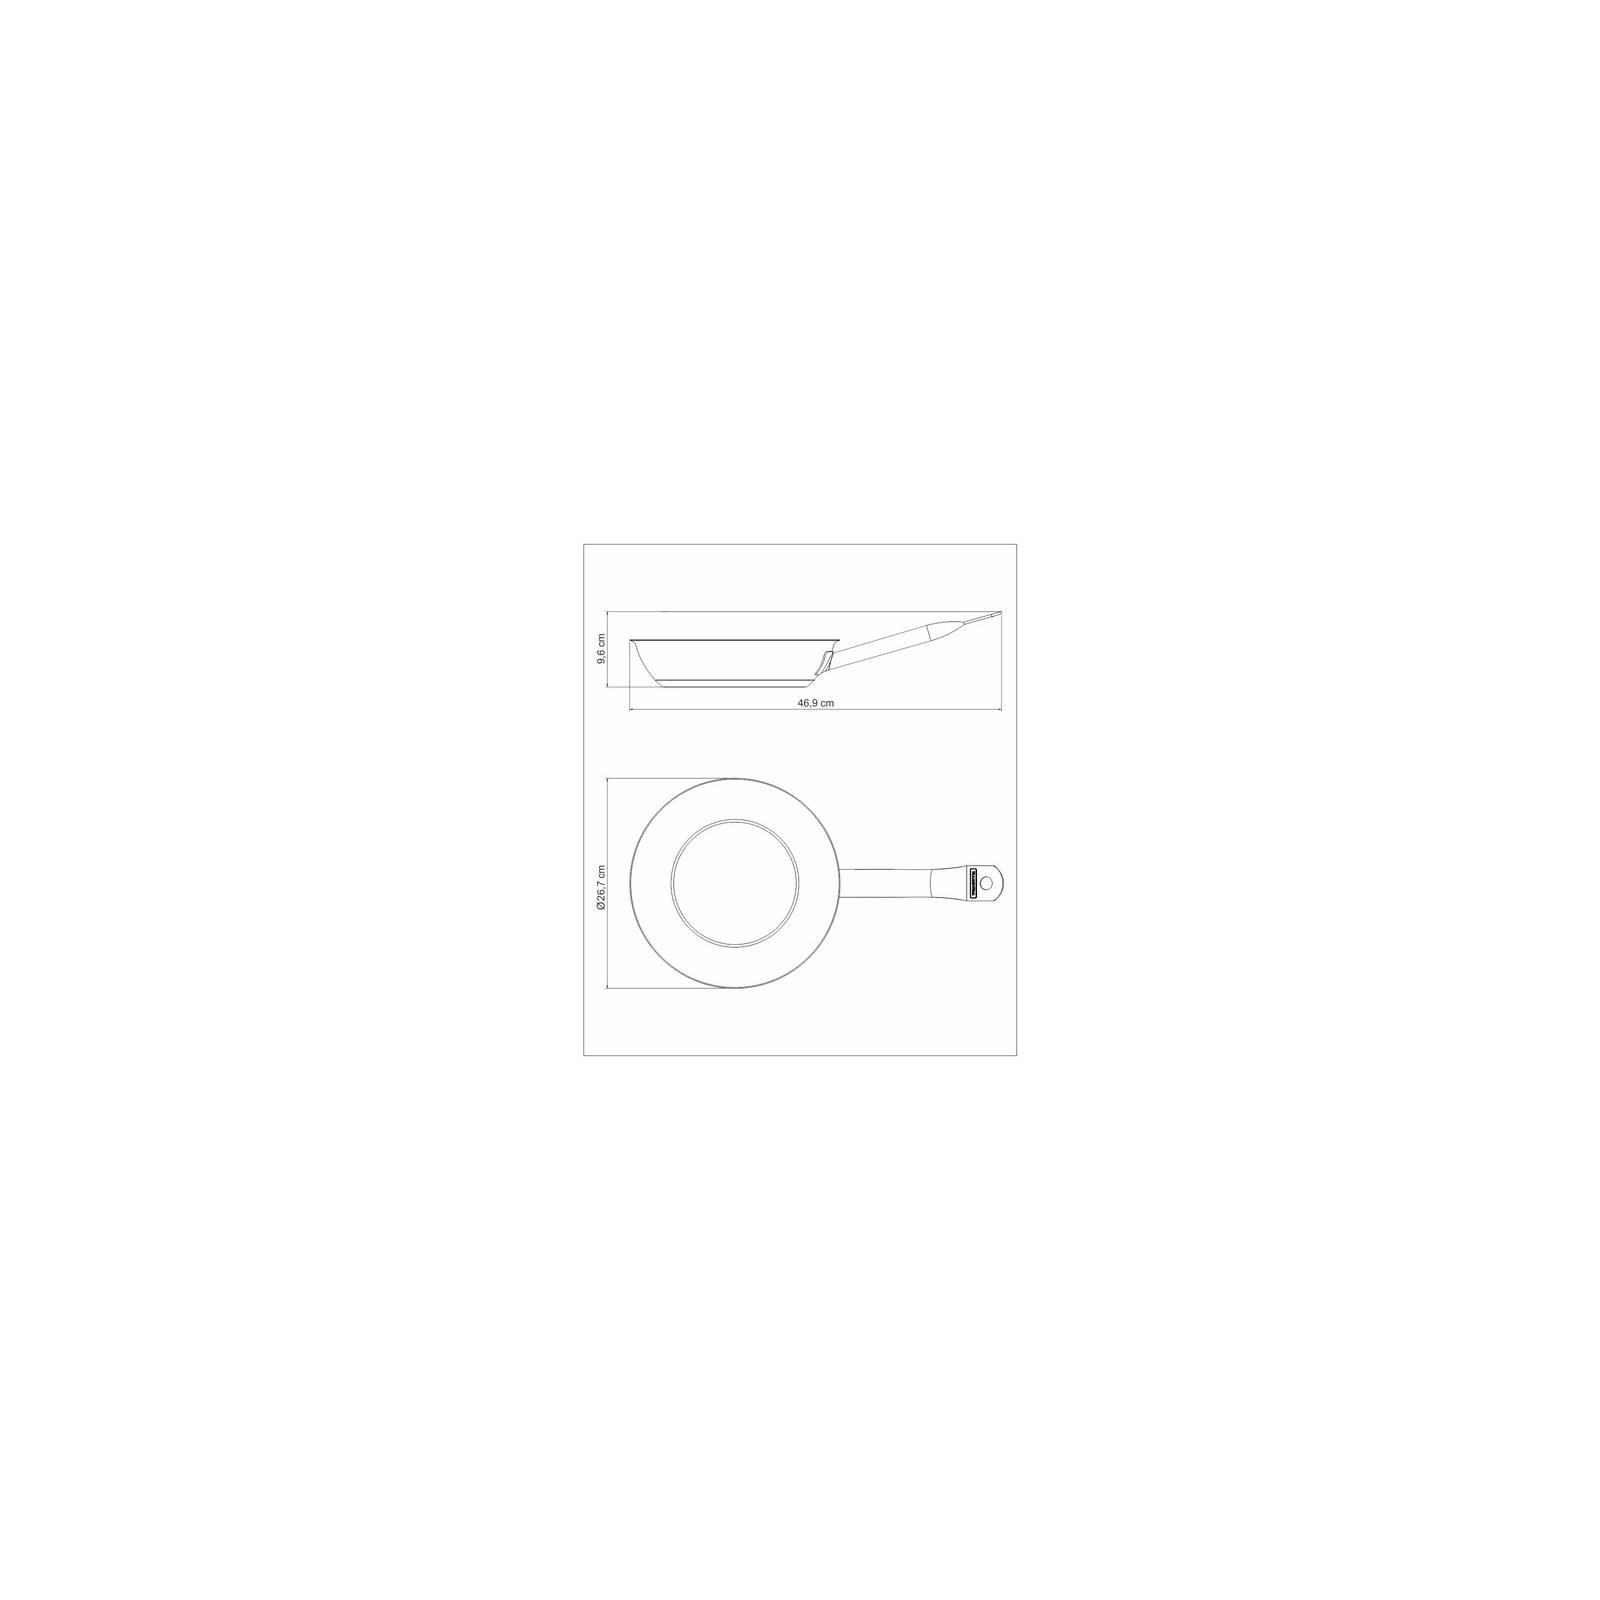 Сковорода Tramontina Professional глубокая 26 см (62637/260) изображение 2